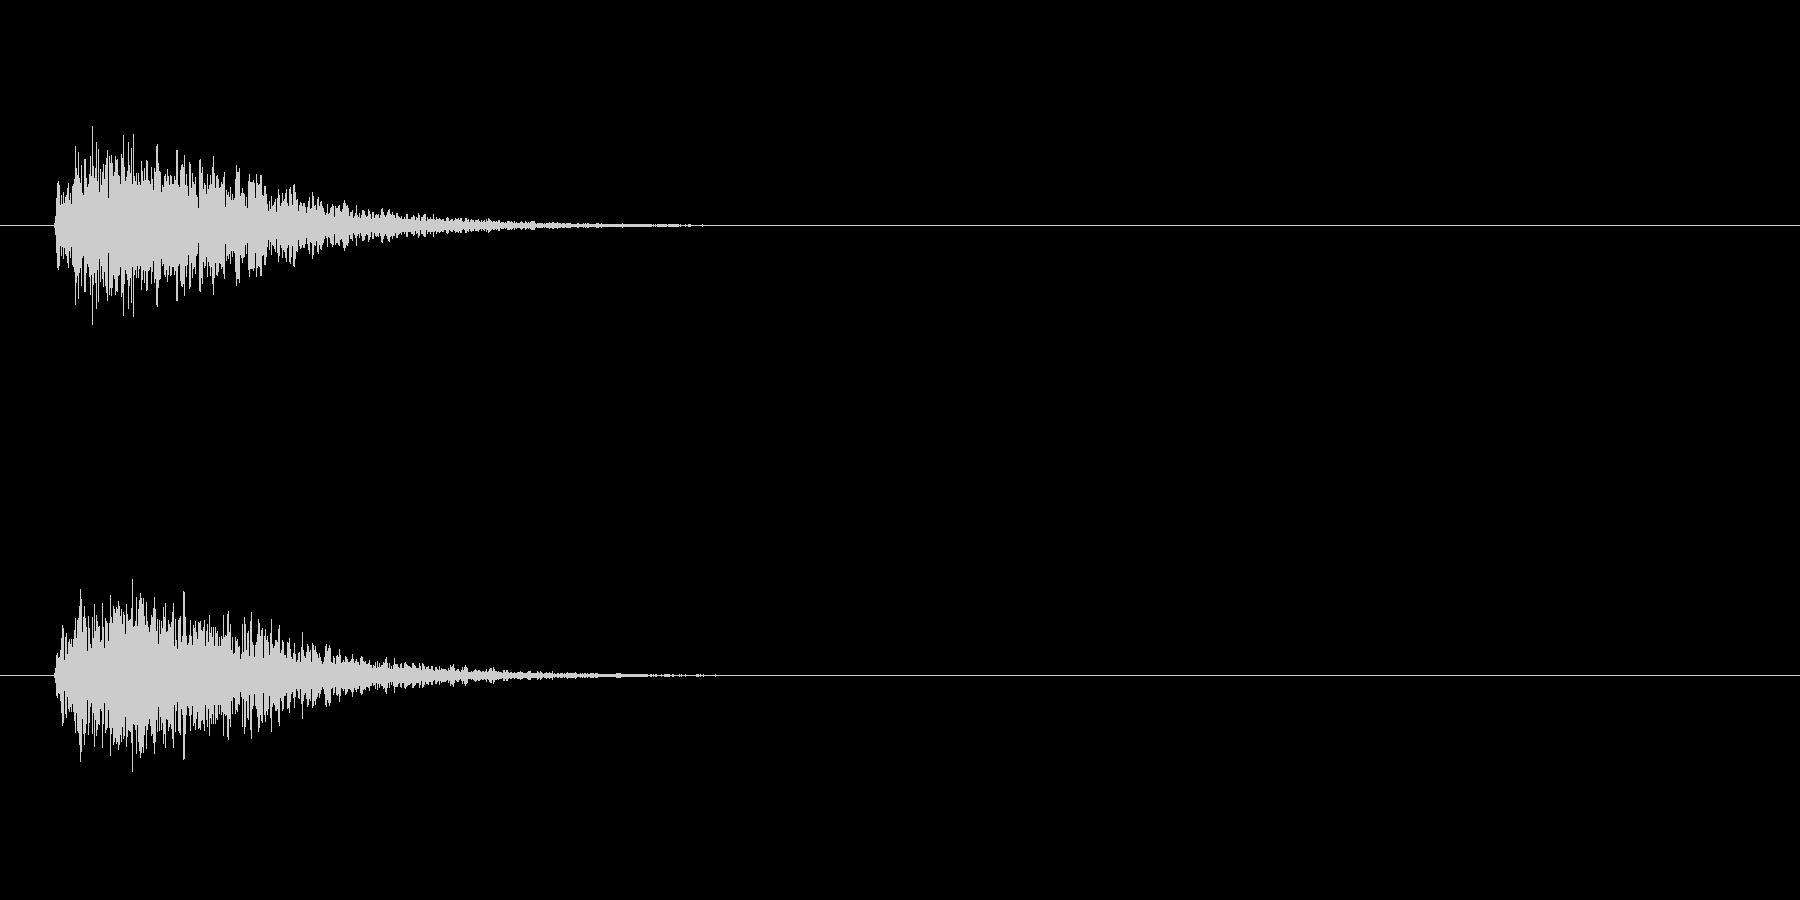 リバーブ付きマルチメディア要素高周...の未再生の波形